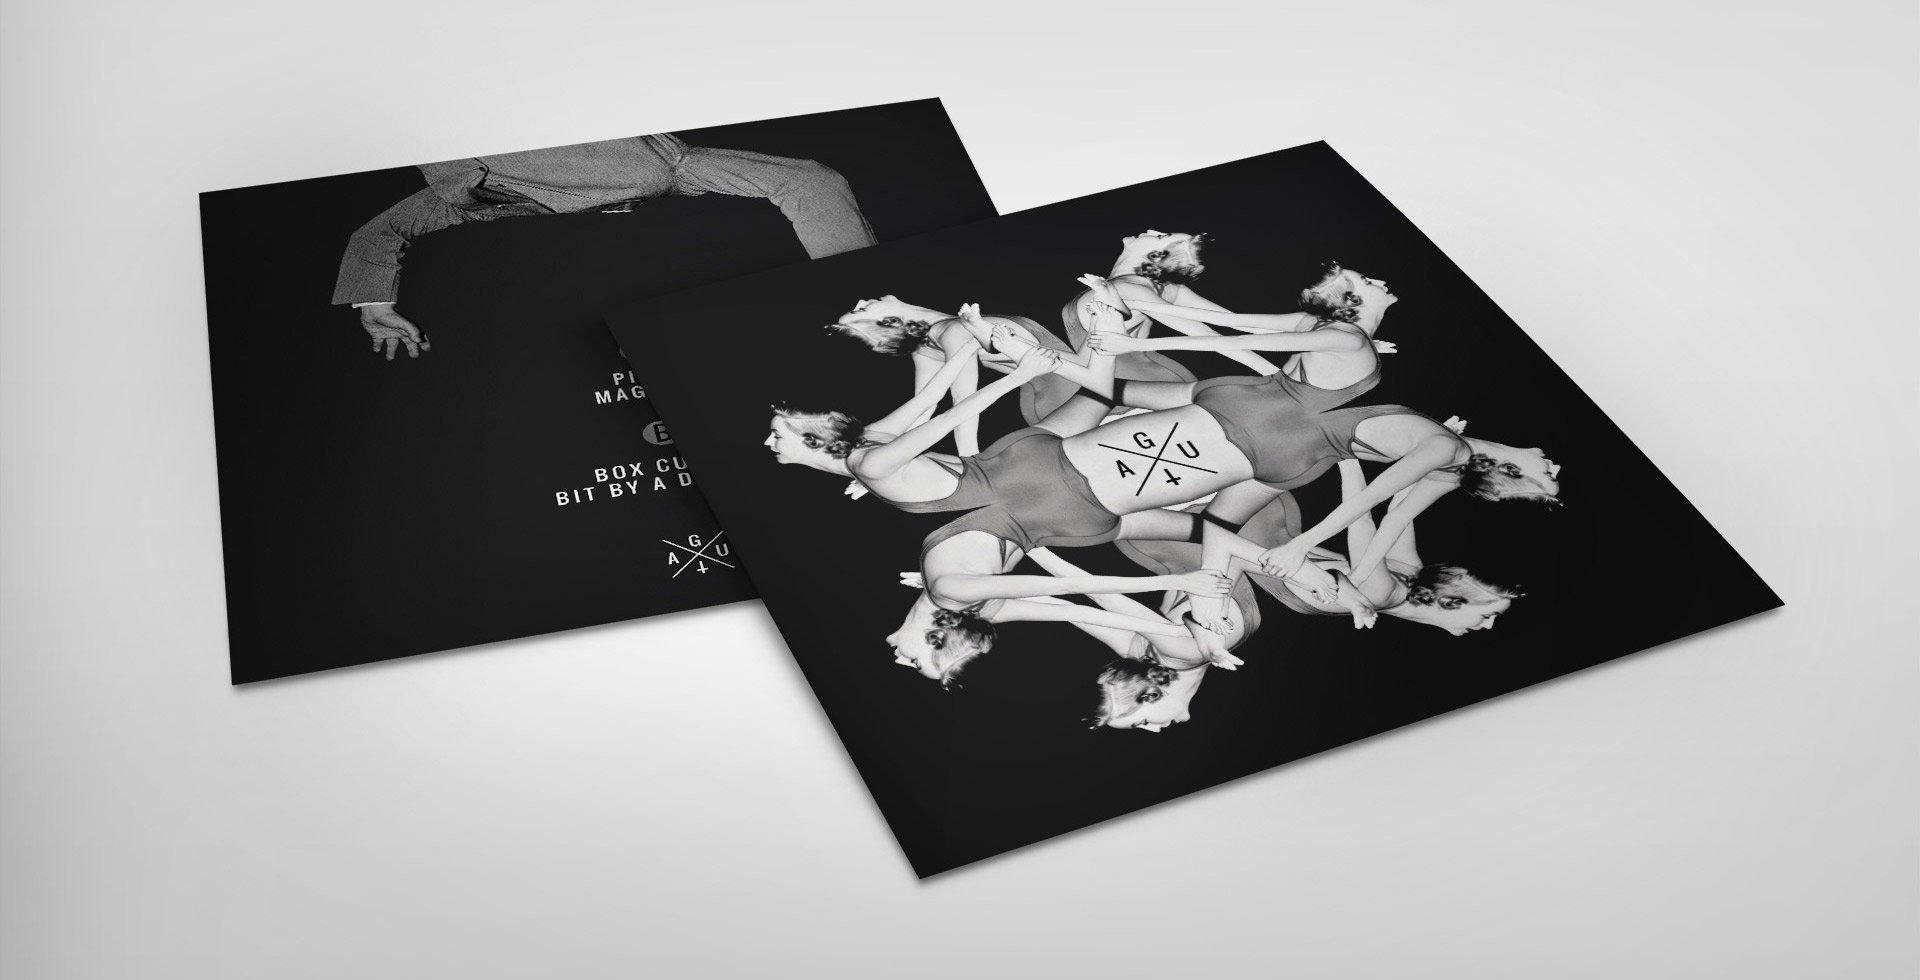 """Gods Against Us / 10"""" EP Cover Artwork"""